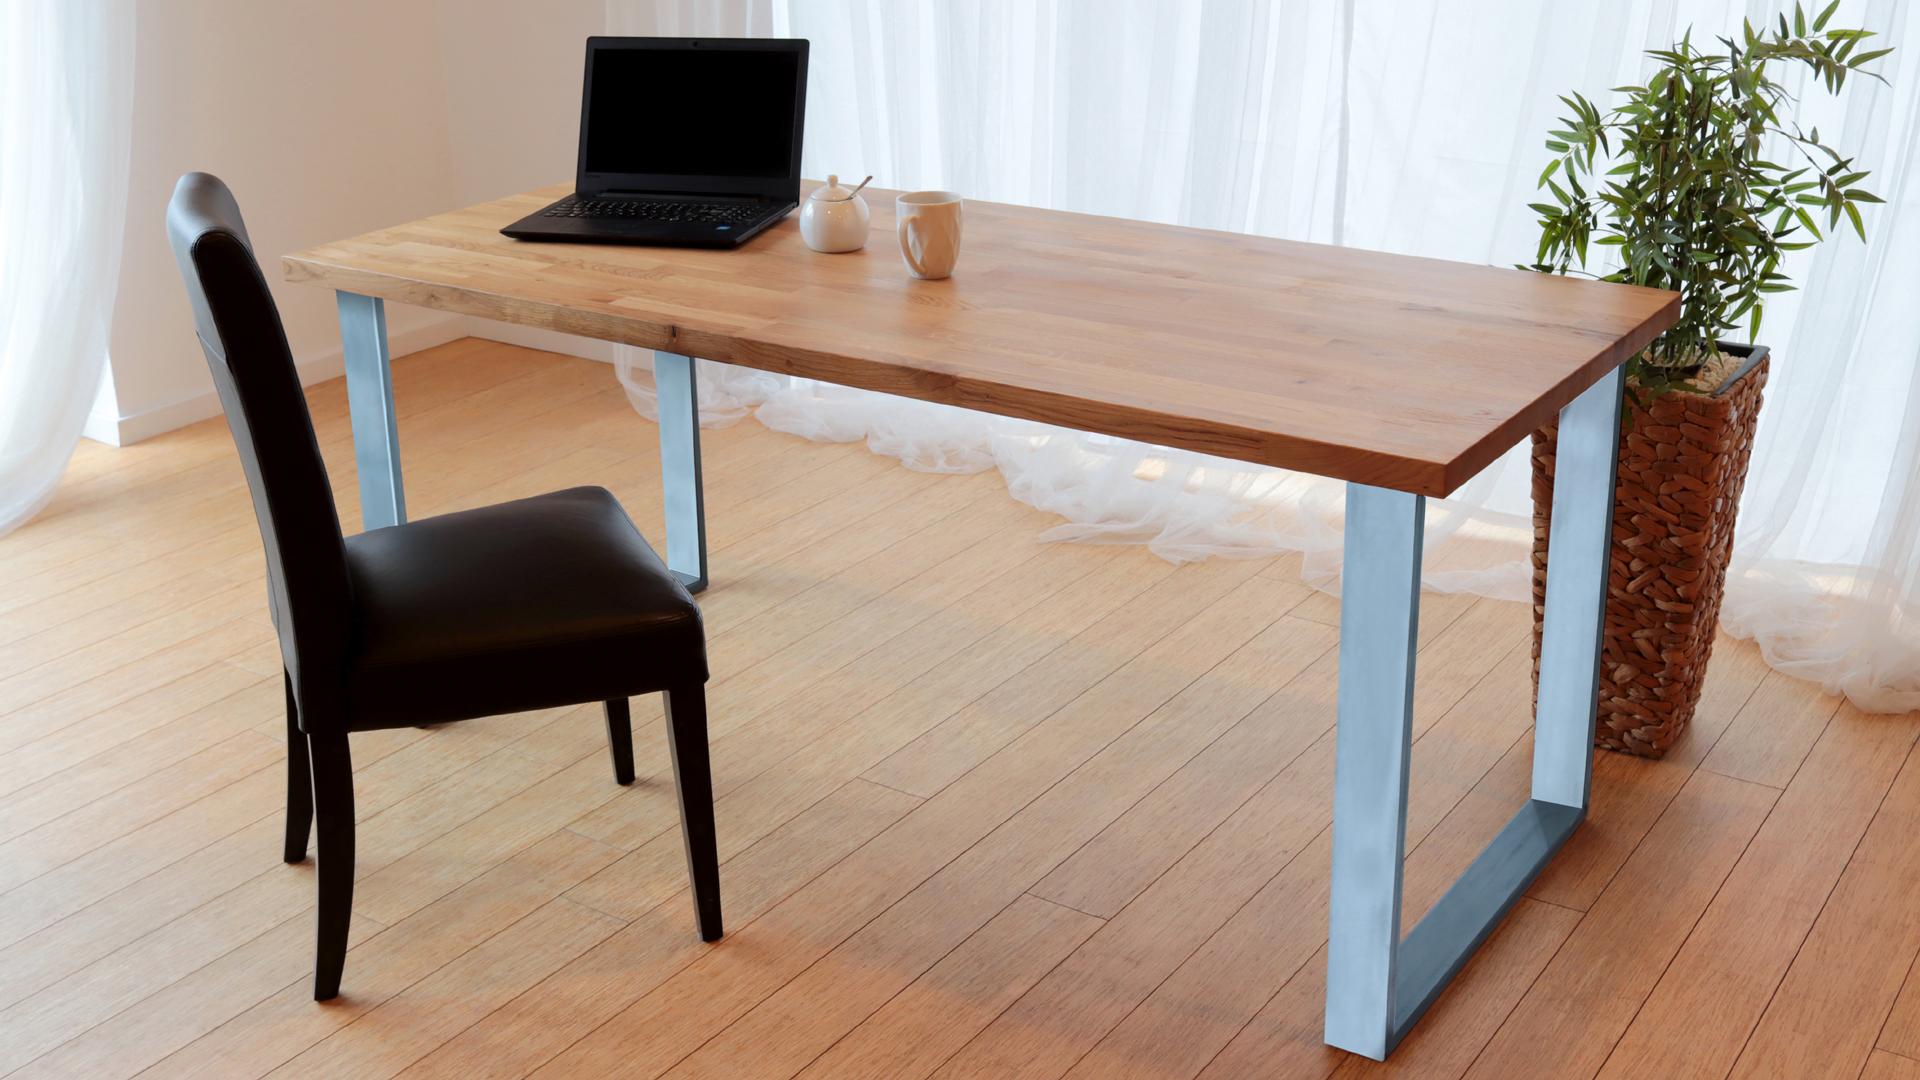 Stół z metalowymi nogami w kolorze szarym